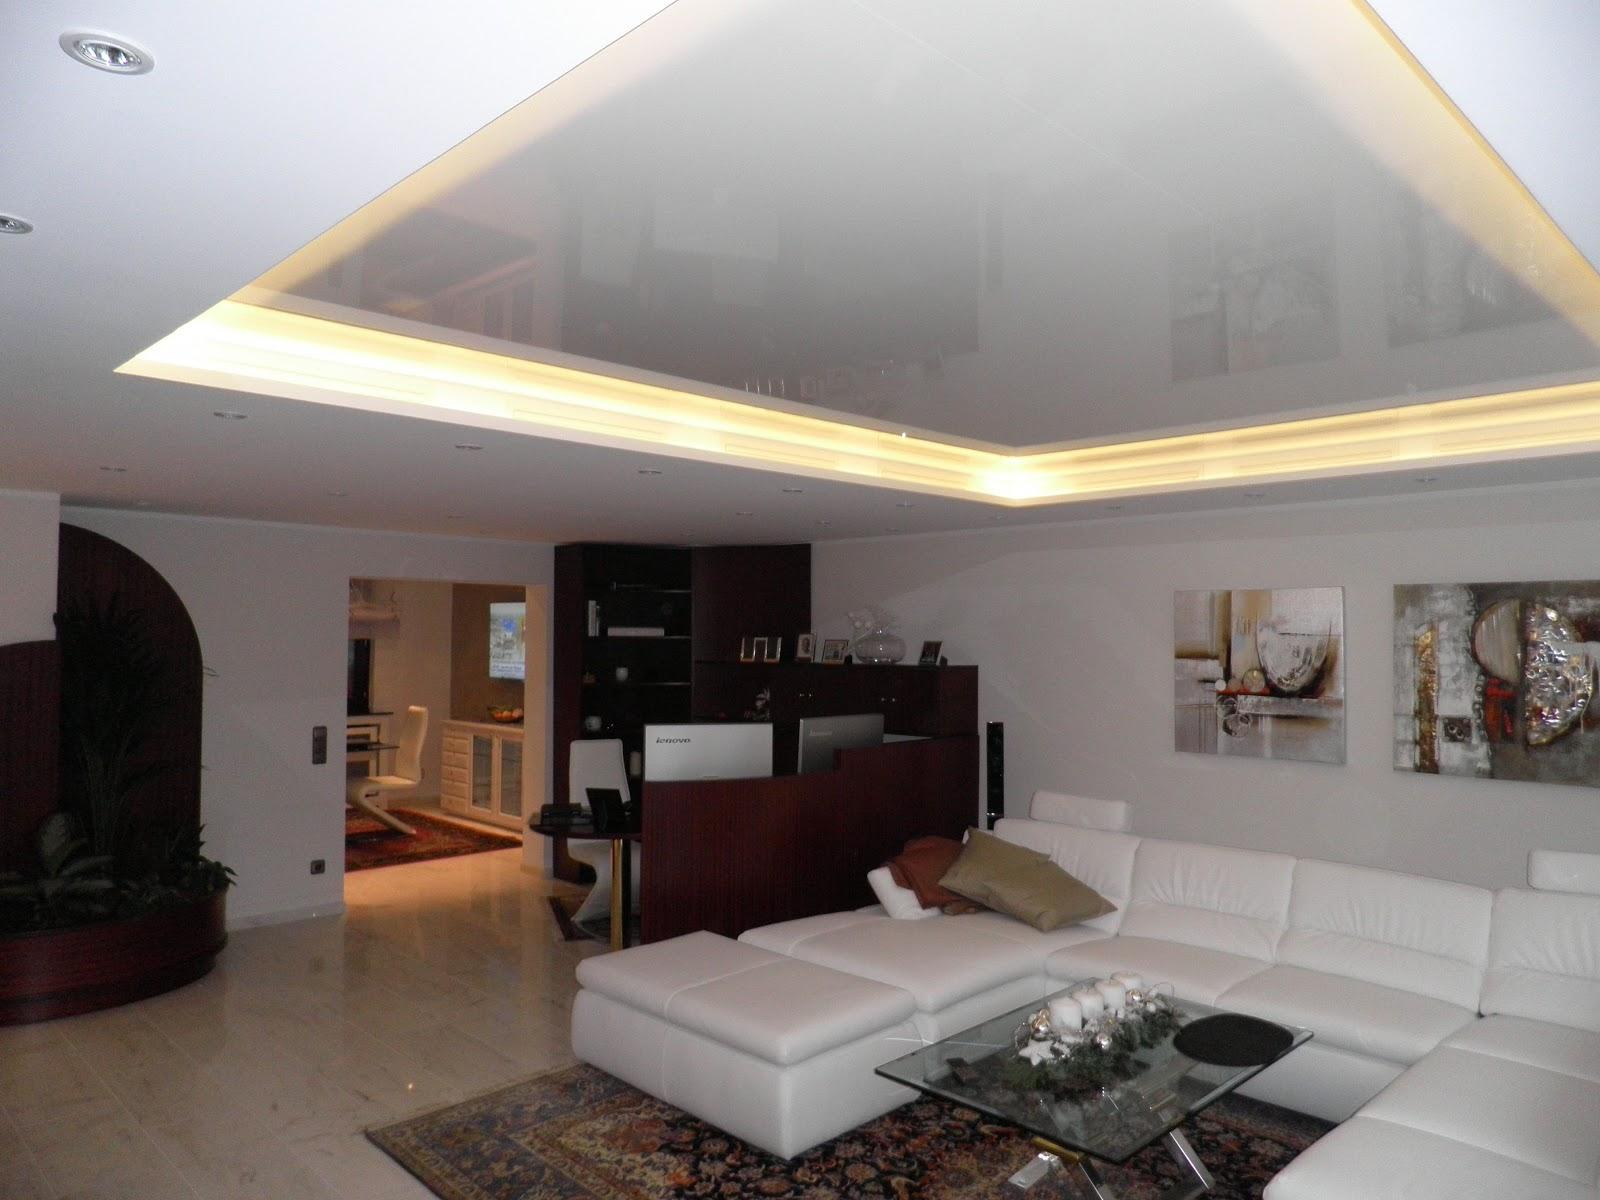 hochglanz decke led beleuchtung wohnzimmer decke licht wohnzimmer top. Black Bedroom Furniture Sets. Home Design Ideas